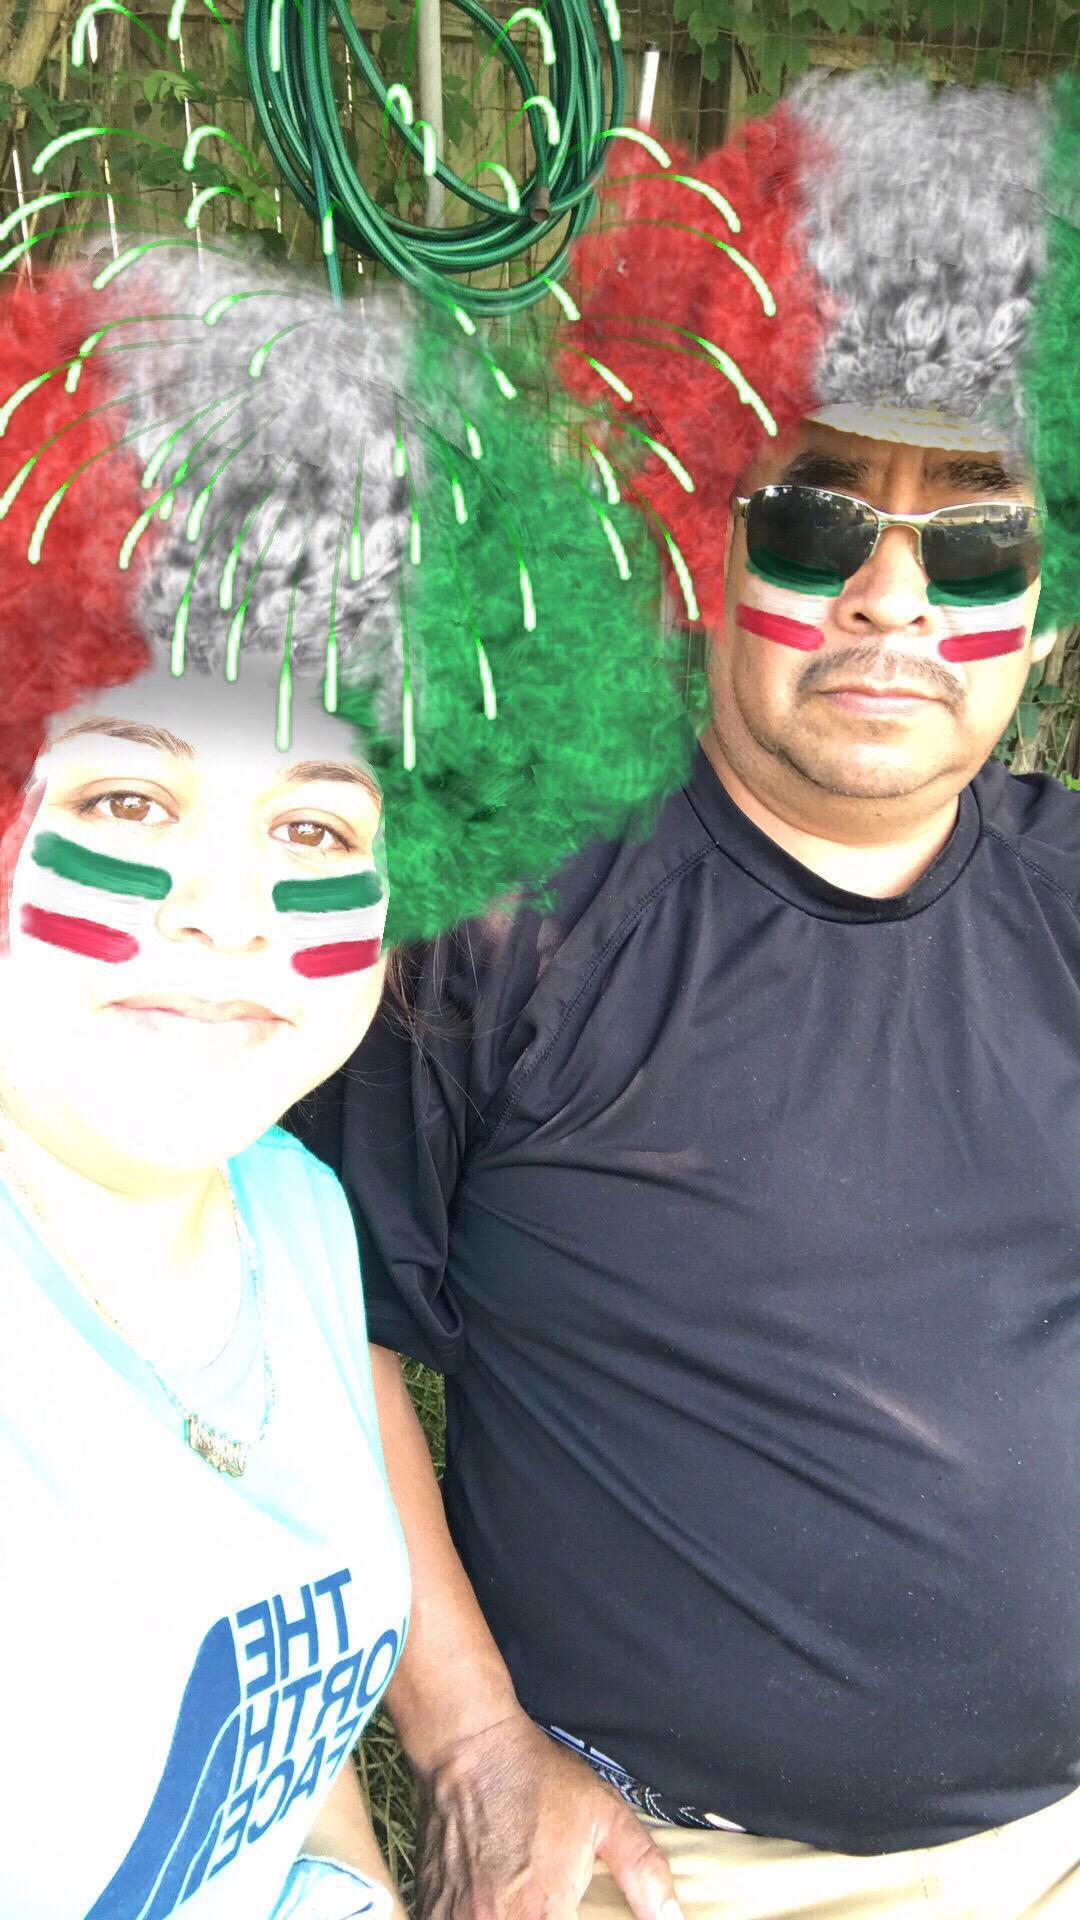 La Mega 1 los invita a Mi Familia - ganadora Paty Gervacio